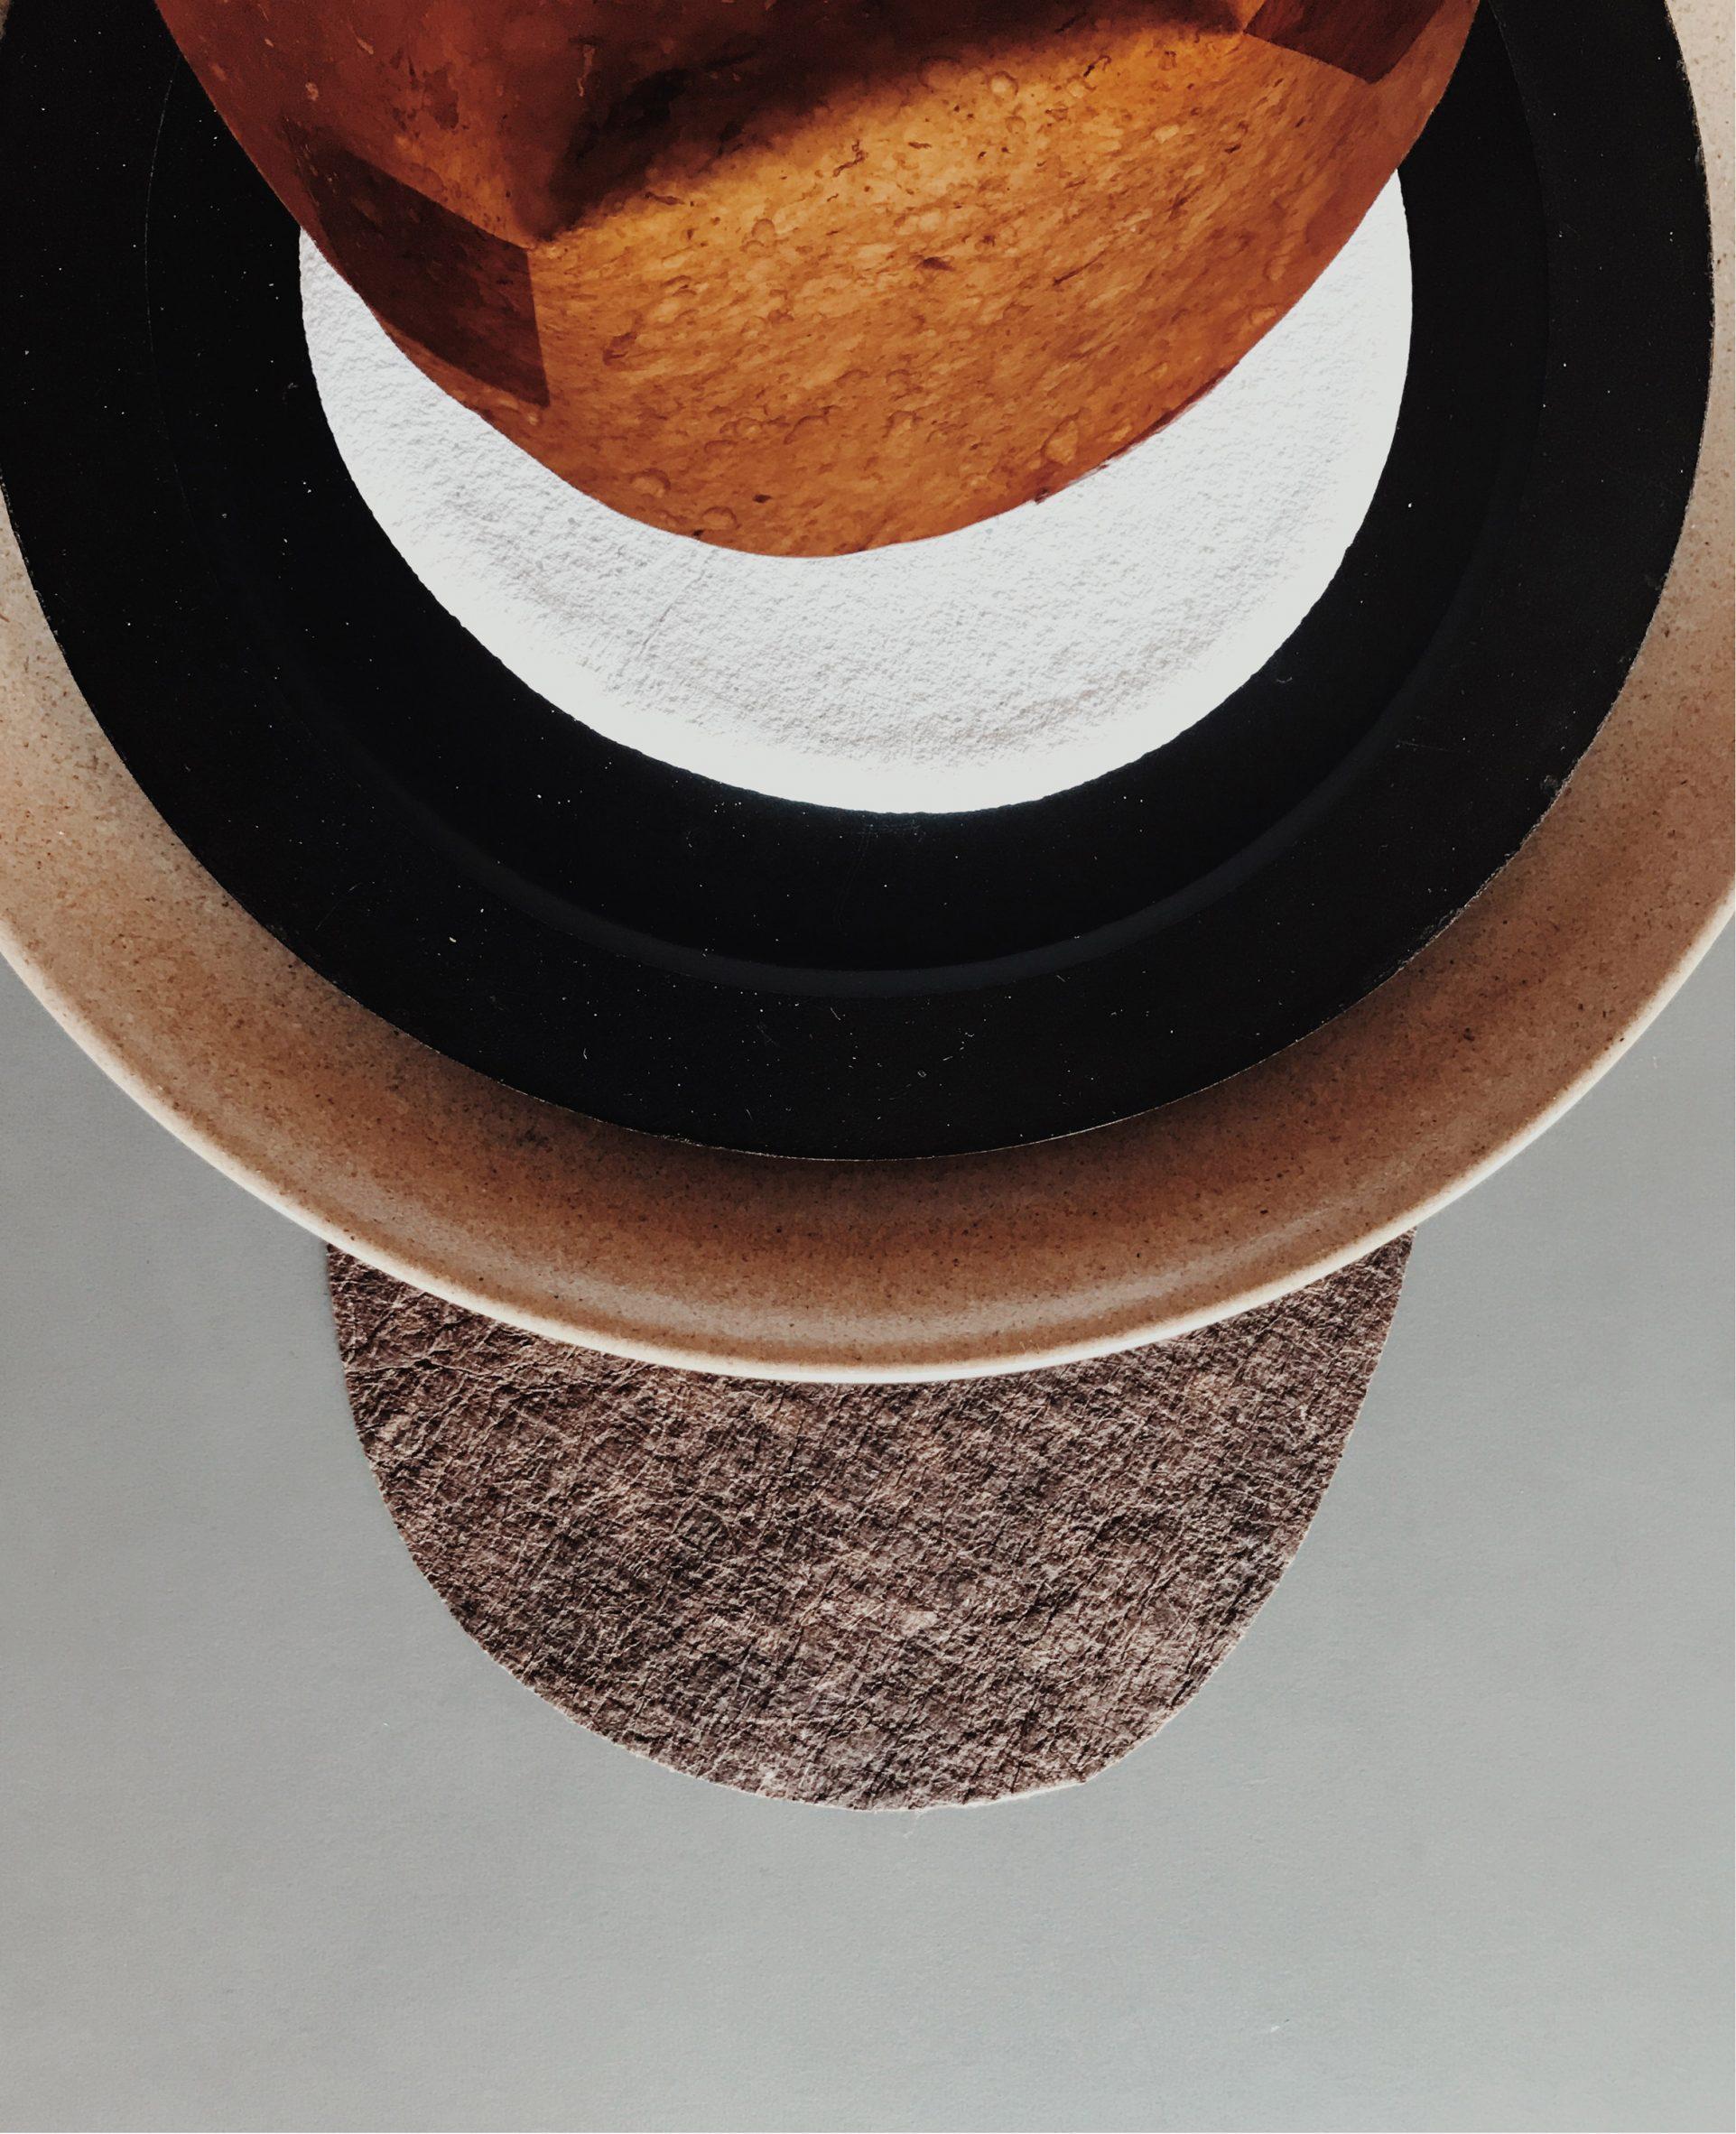 Detail image of the tableware at Tabula non Rasa